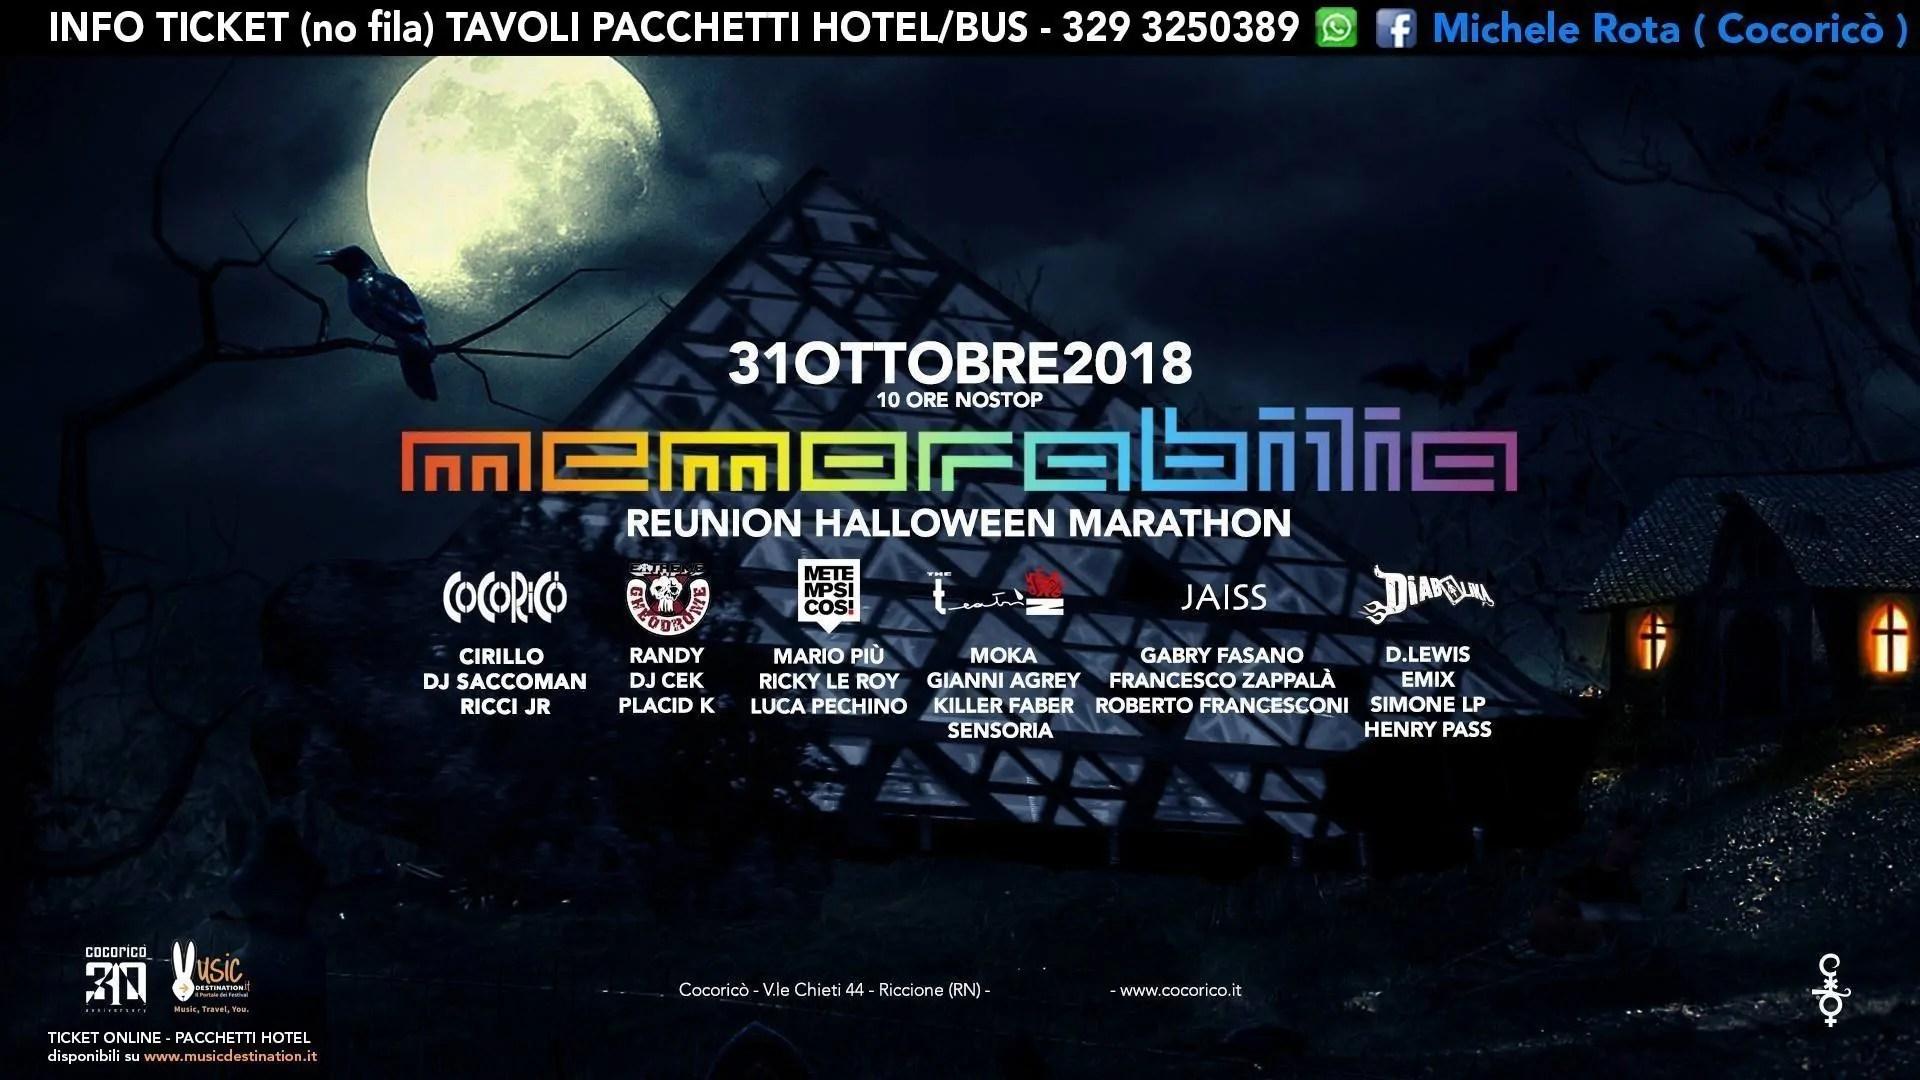 31 Ottobre 2018 HALLOWEEN MEMORABILIA Cocorico Riccione | Prezzi Ticket Pacchetti Hotel Bus